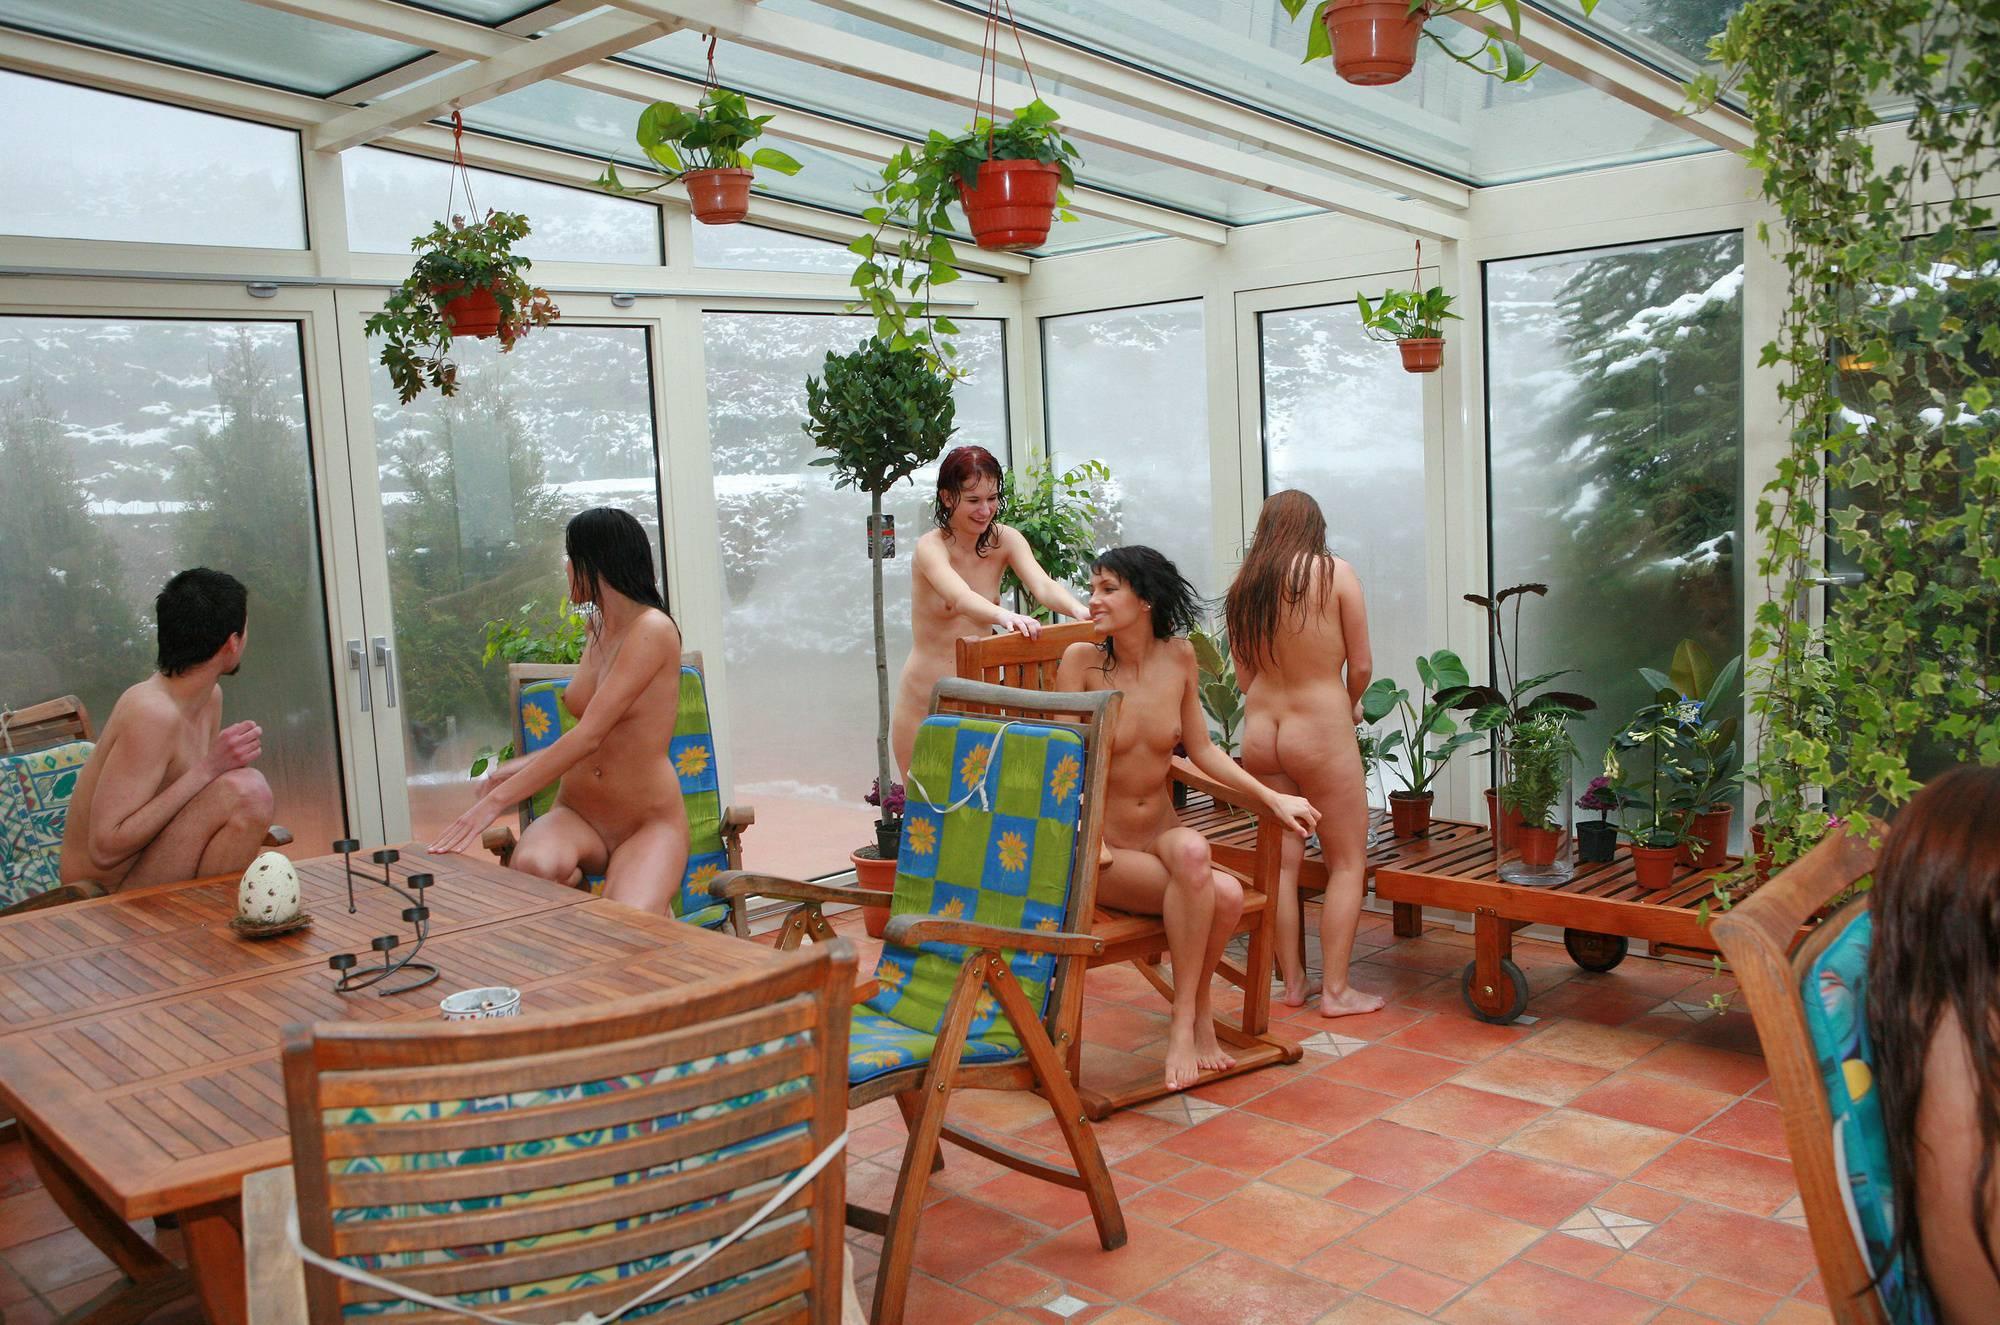 Girls' Pool Party Solarium - 1